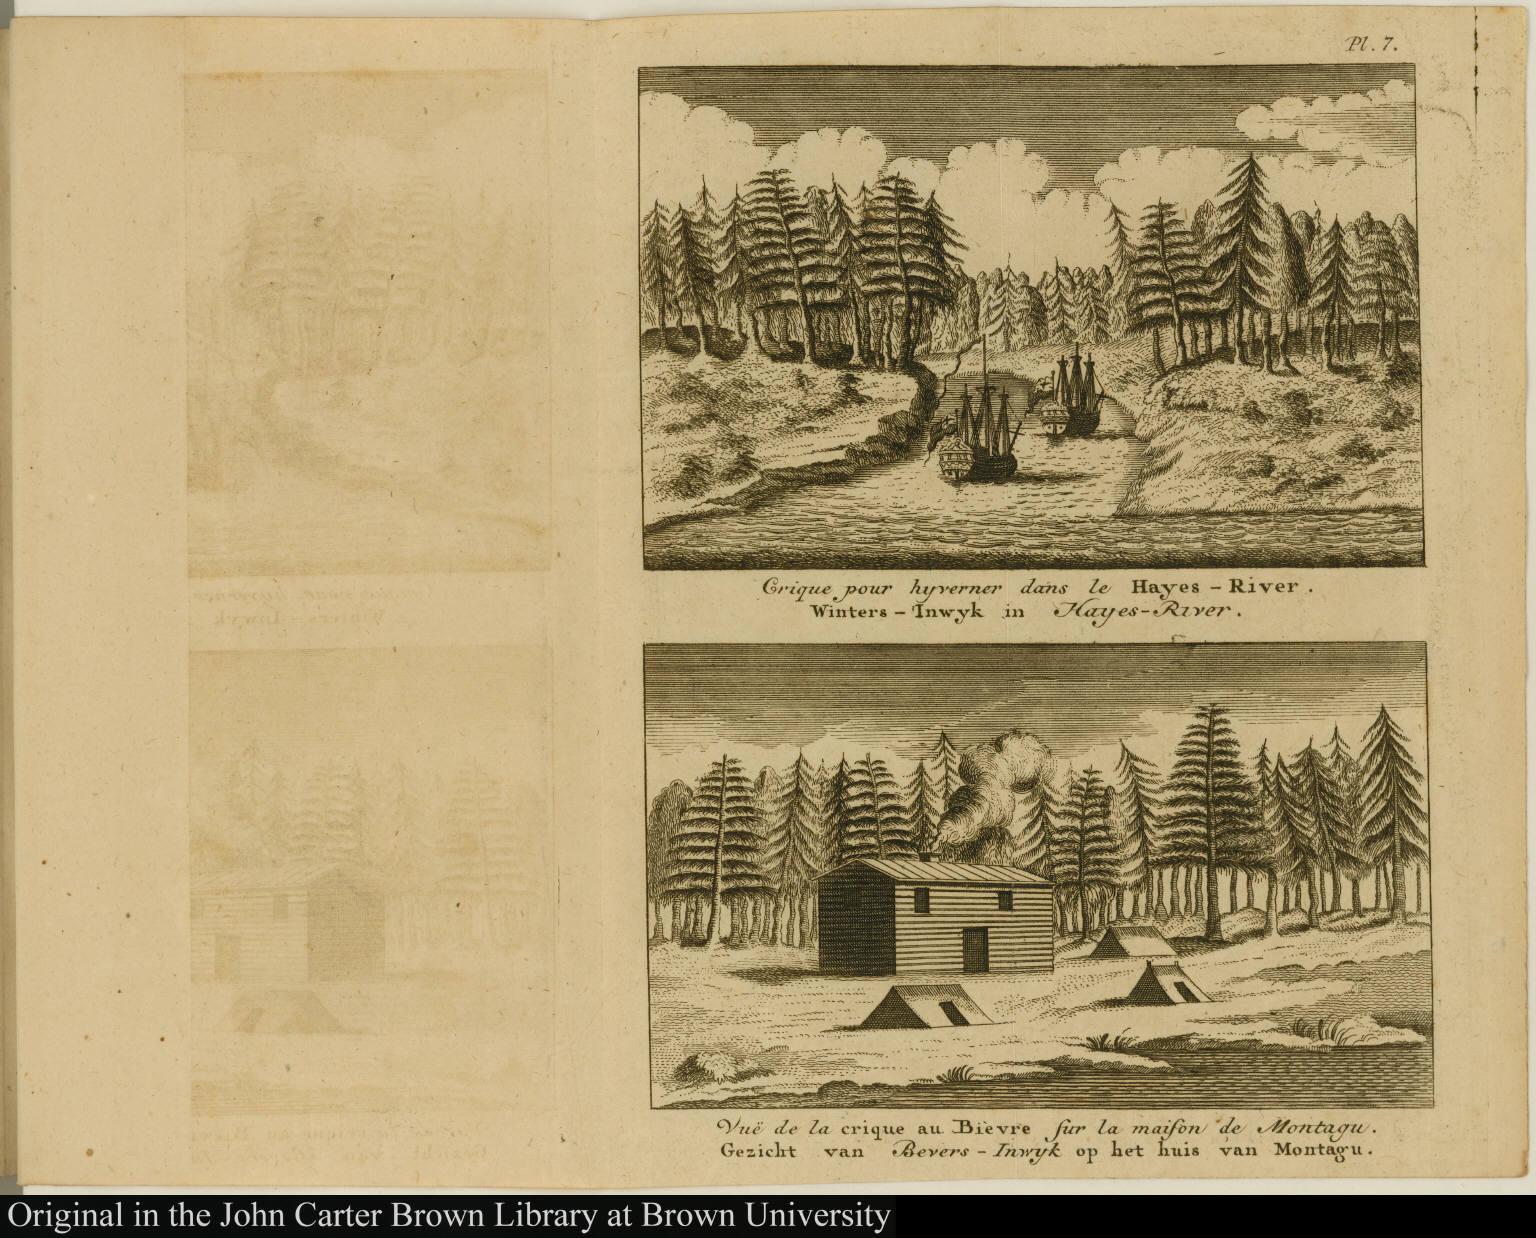 [top] Crique pour hyverner dans le Hayes-River. Winters-Inwyk in Hayes-River [bottom] Vuë de la crique au Bièvre sur la maison de Montagu. Gezicht van Bevers-Inwyk op het huis van Montagu.